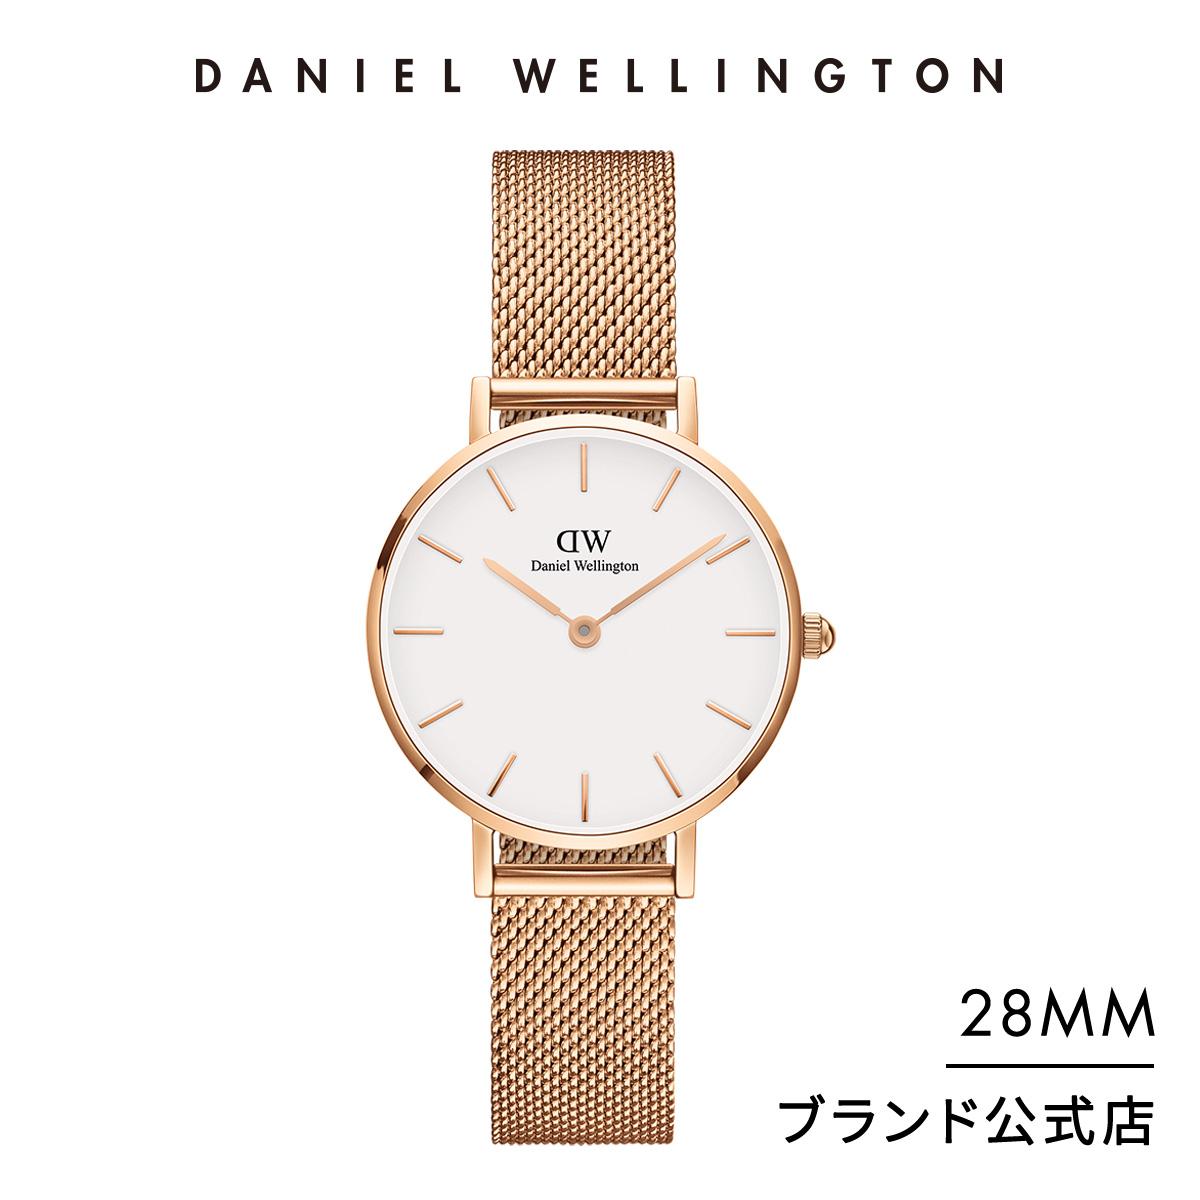 【公式2年保証/送料無料】ダニエルウェリントン公式 レディース 腕時計 Petite Melrose 28mm ベルト メッシュ クラシック ぺティート メルローズ DW プレゼント おしゃれ インスタ映え ブランド 彼女 彼氏 ペアスタイ…